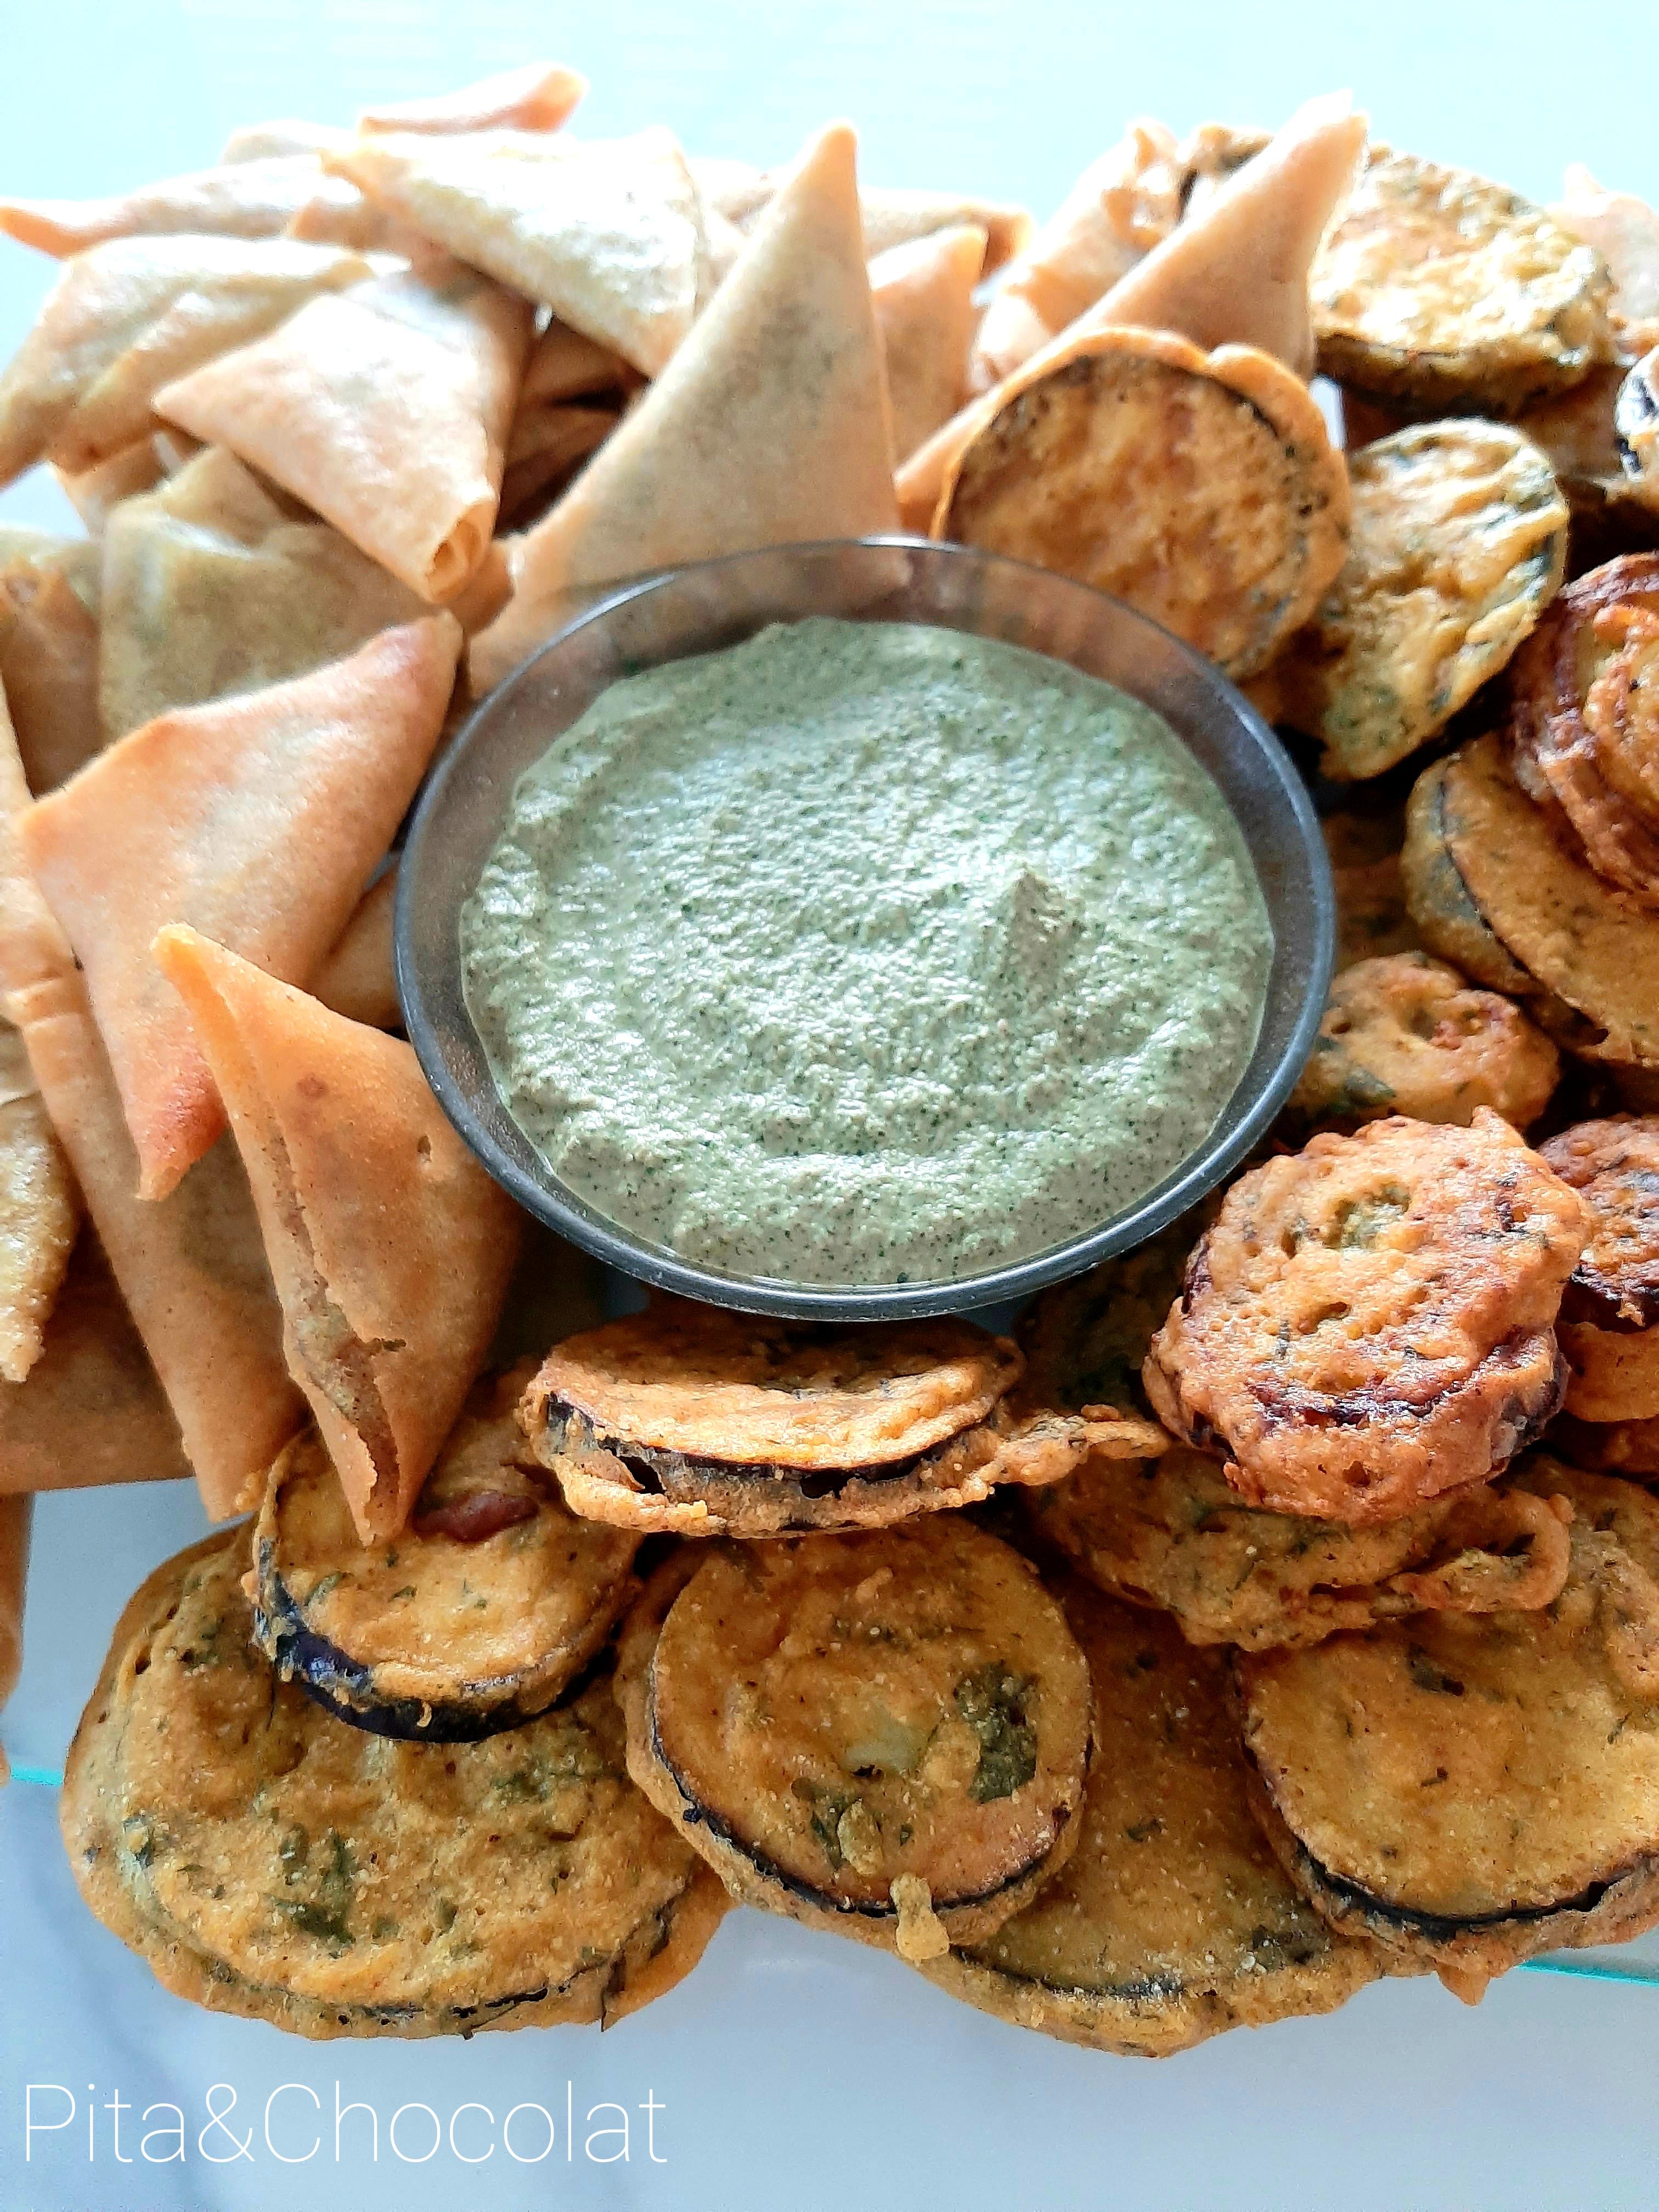 Sauce indienne - Chutney à la menthe et coriandre